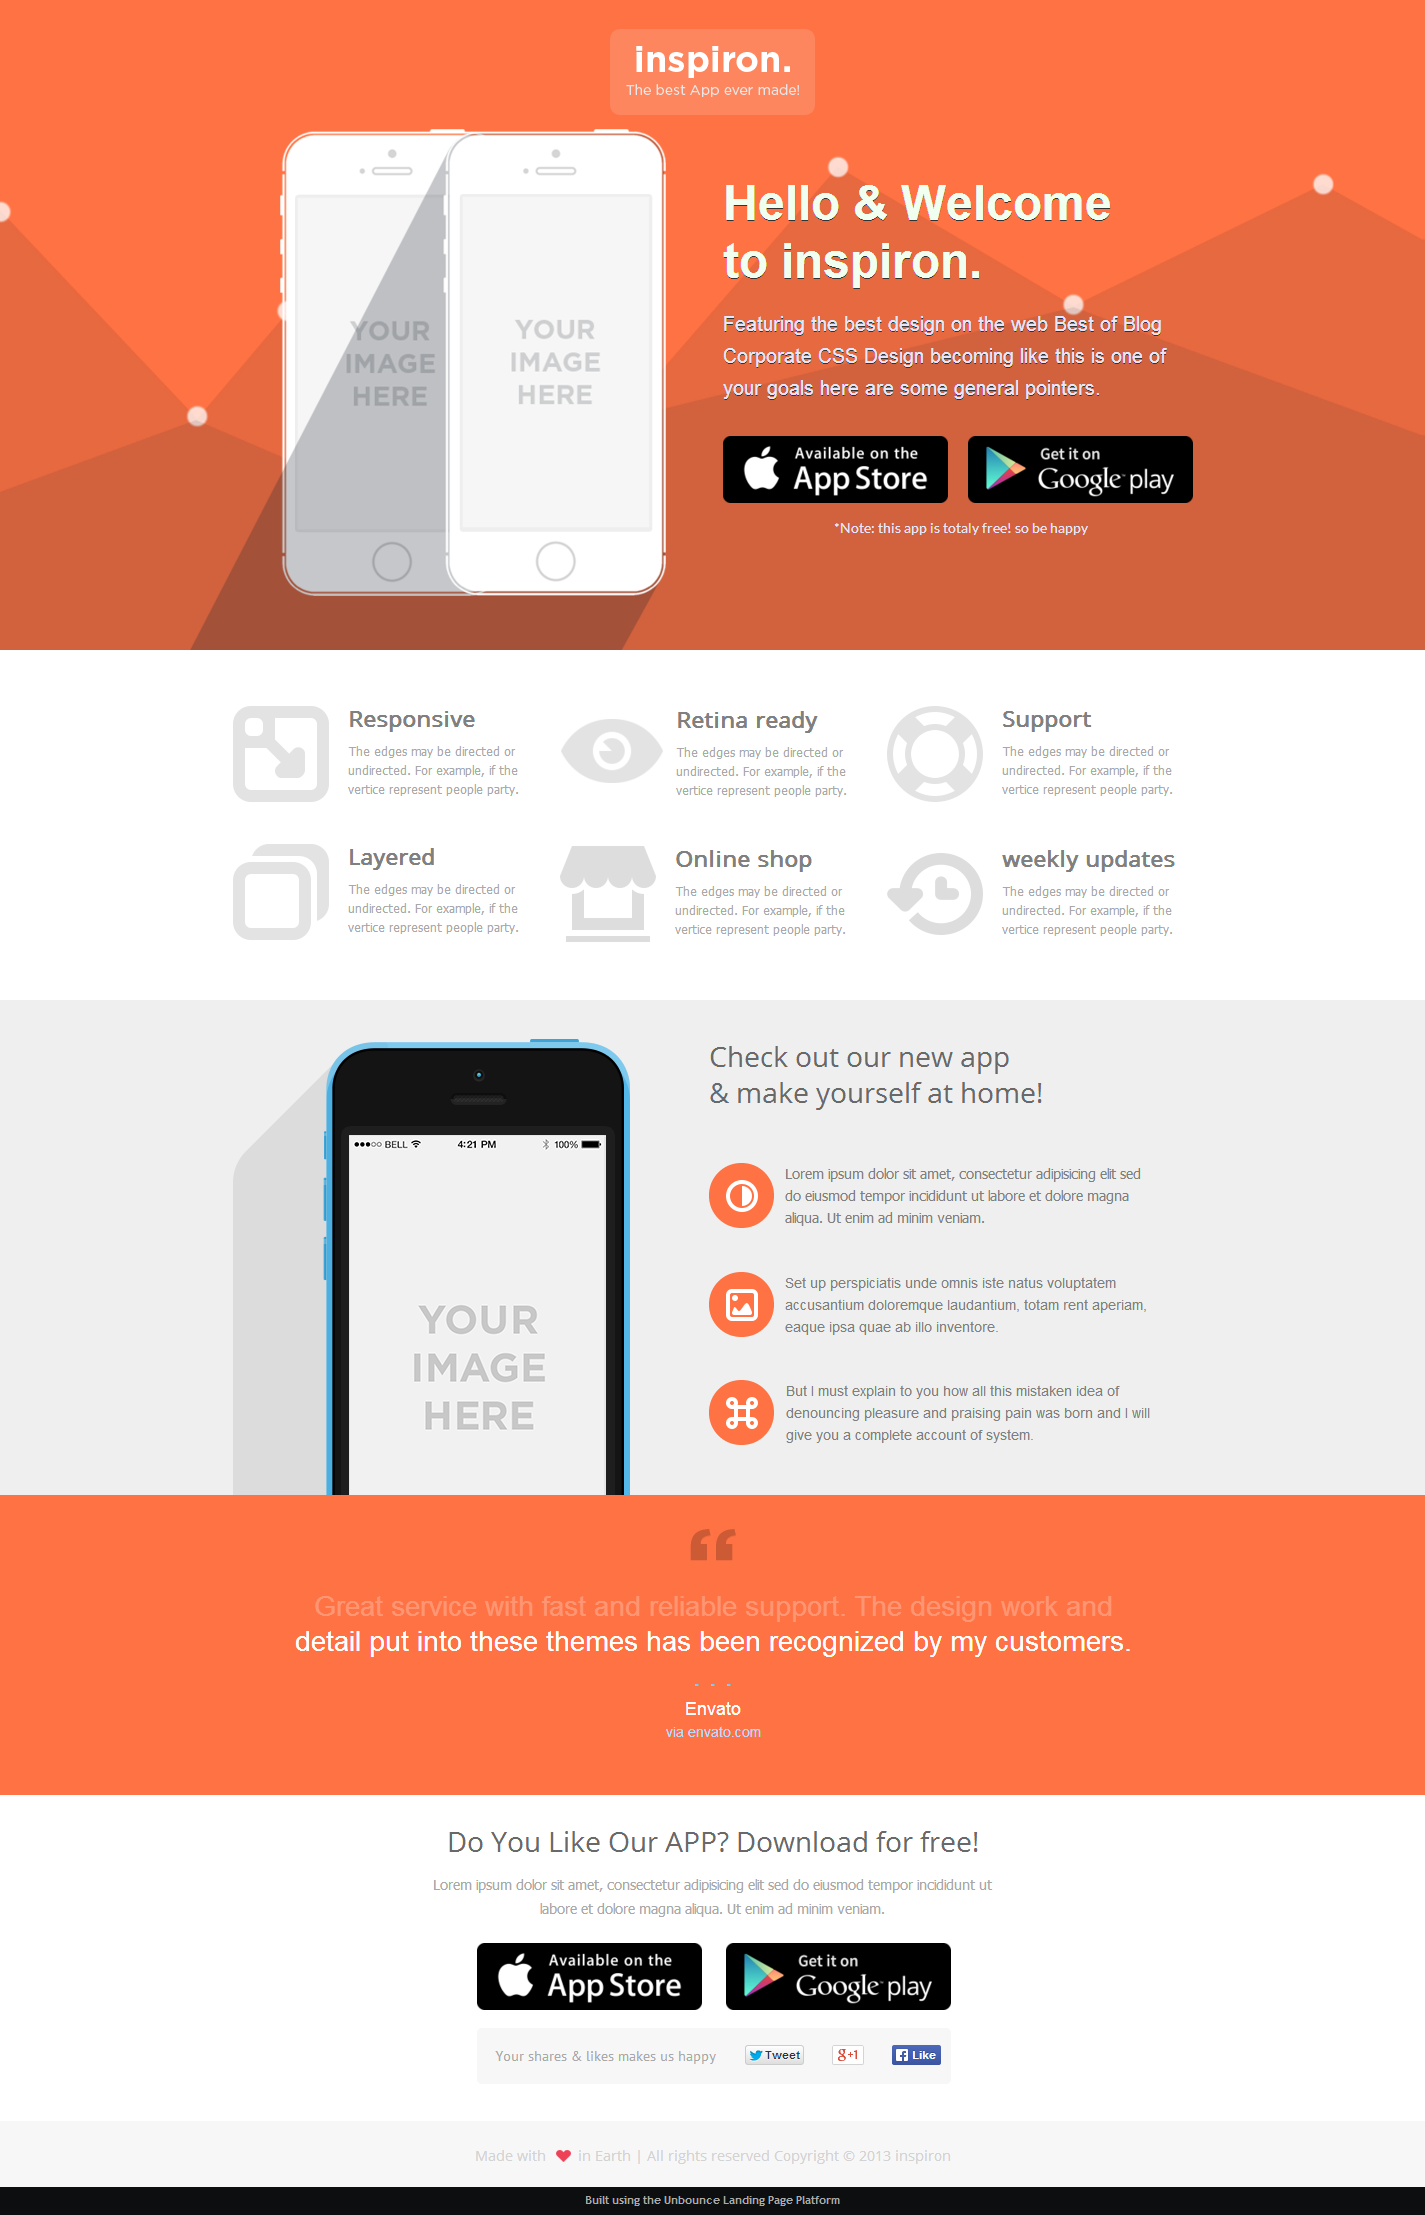 inspiron - Unbounce Landing Page Templates Bundle